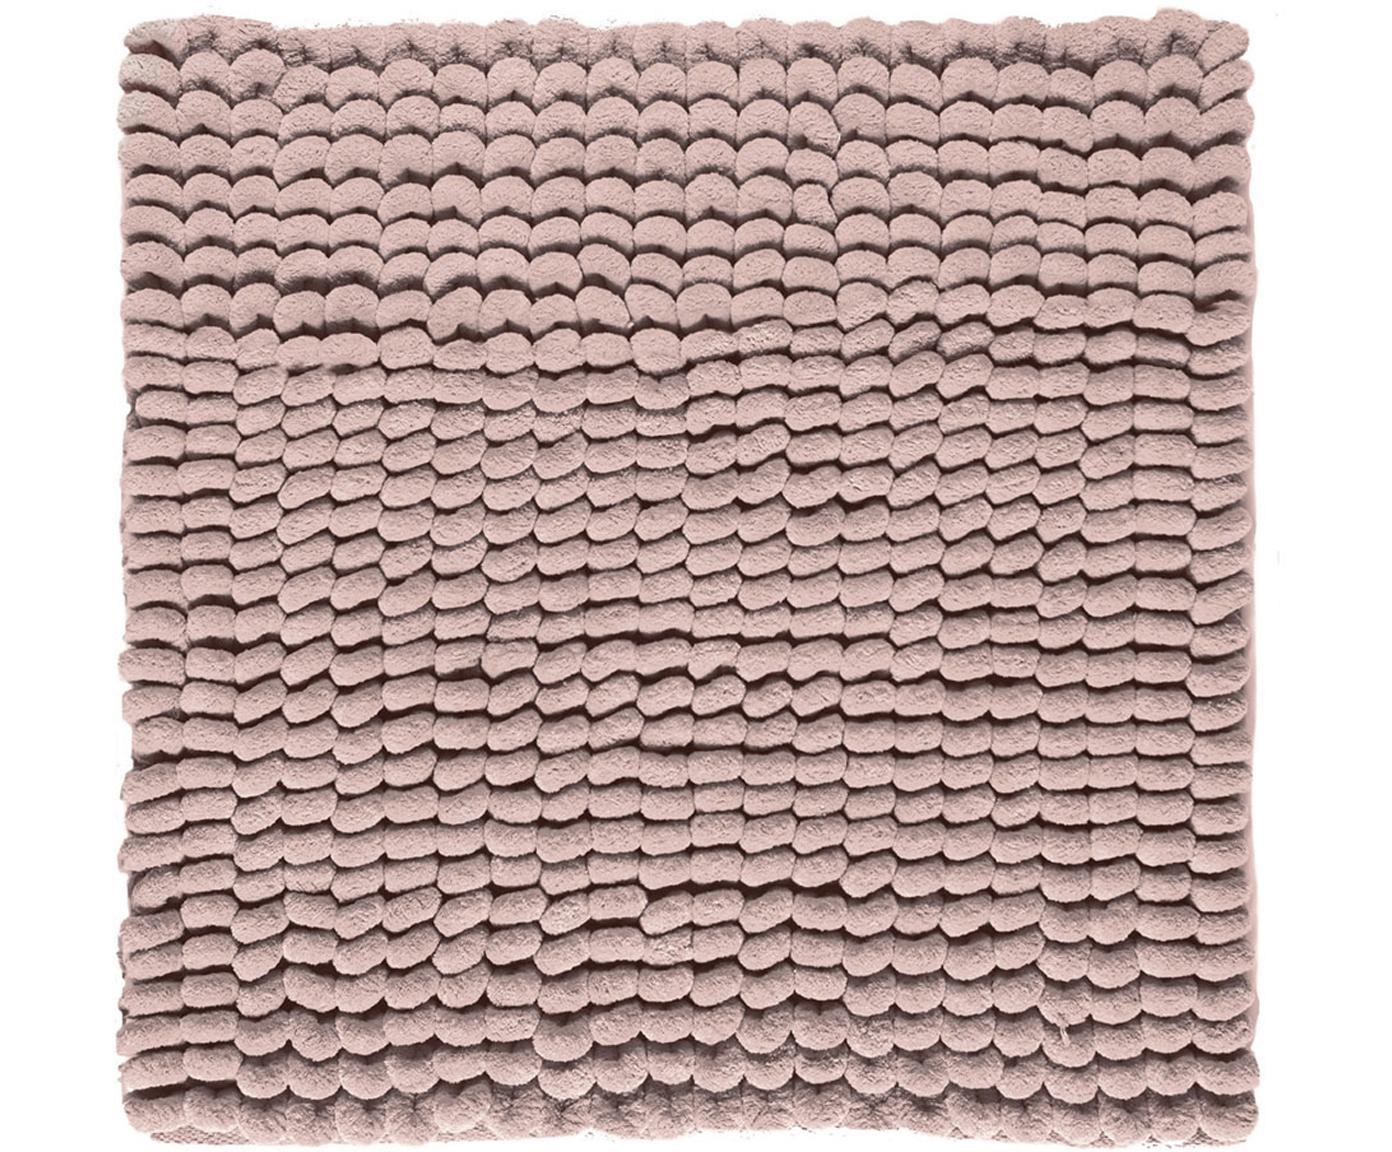 Weicher Badvorleger Luka, 67% Polyester, 33% Baumwolle, Rosa, 60 x 60 cm